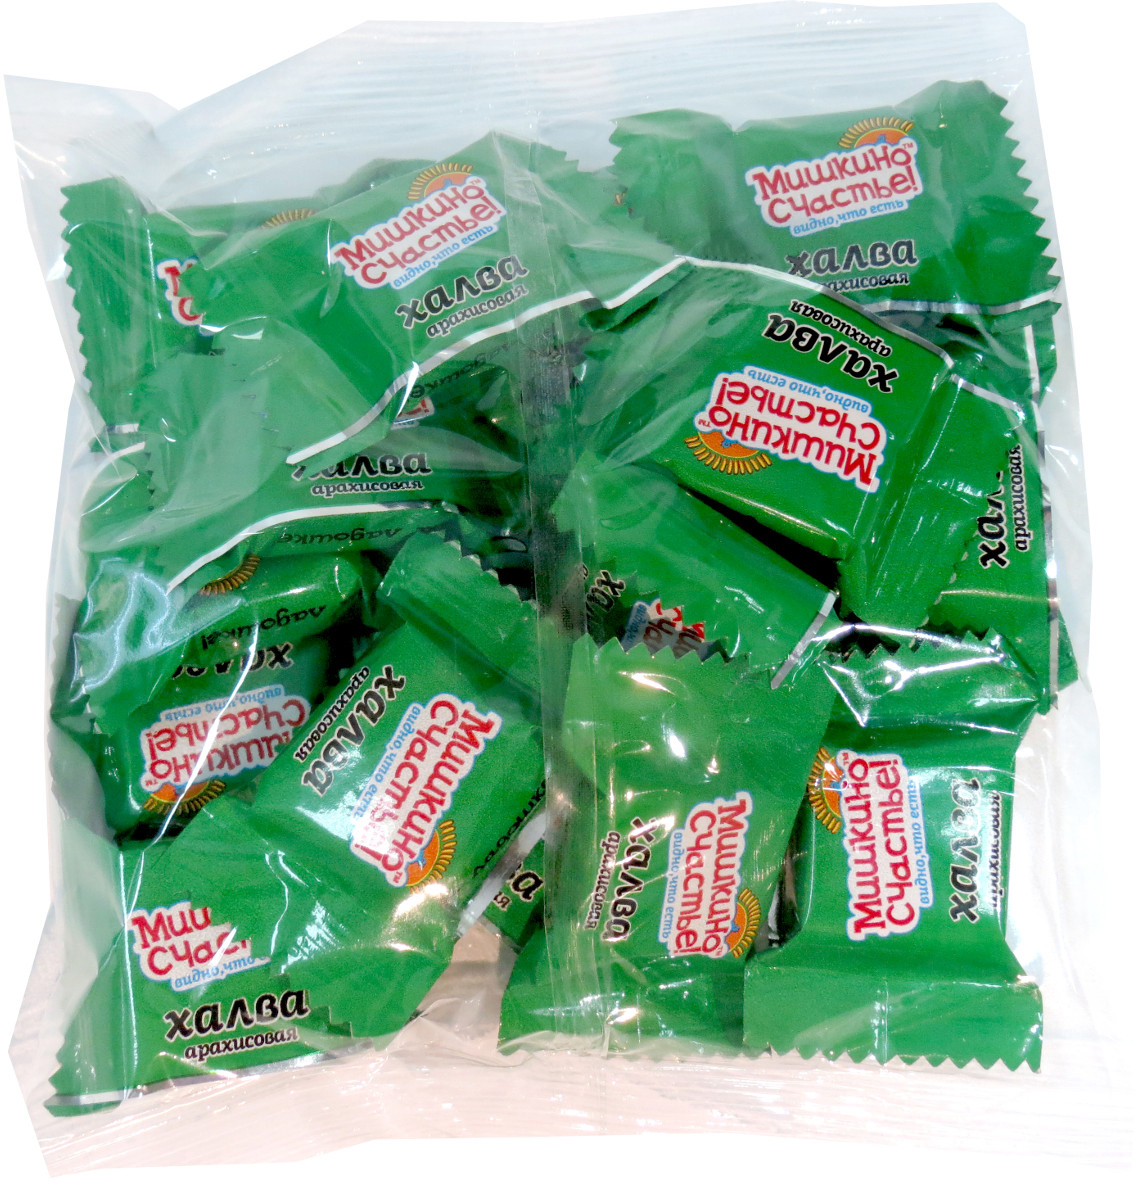 Мишкино счастье конфеты халва арахисовая, 300 гХСА500СТающая во рту конфета из арахиса. Конфеты в удобной упаковке.